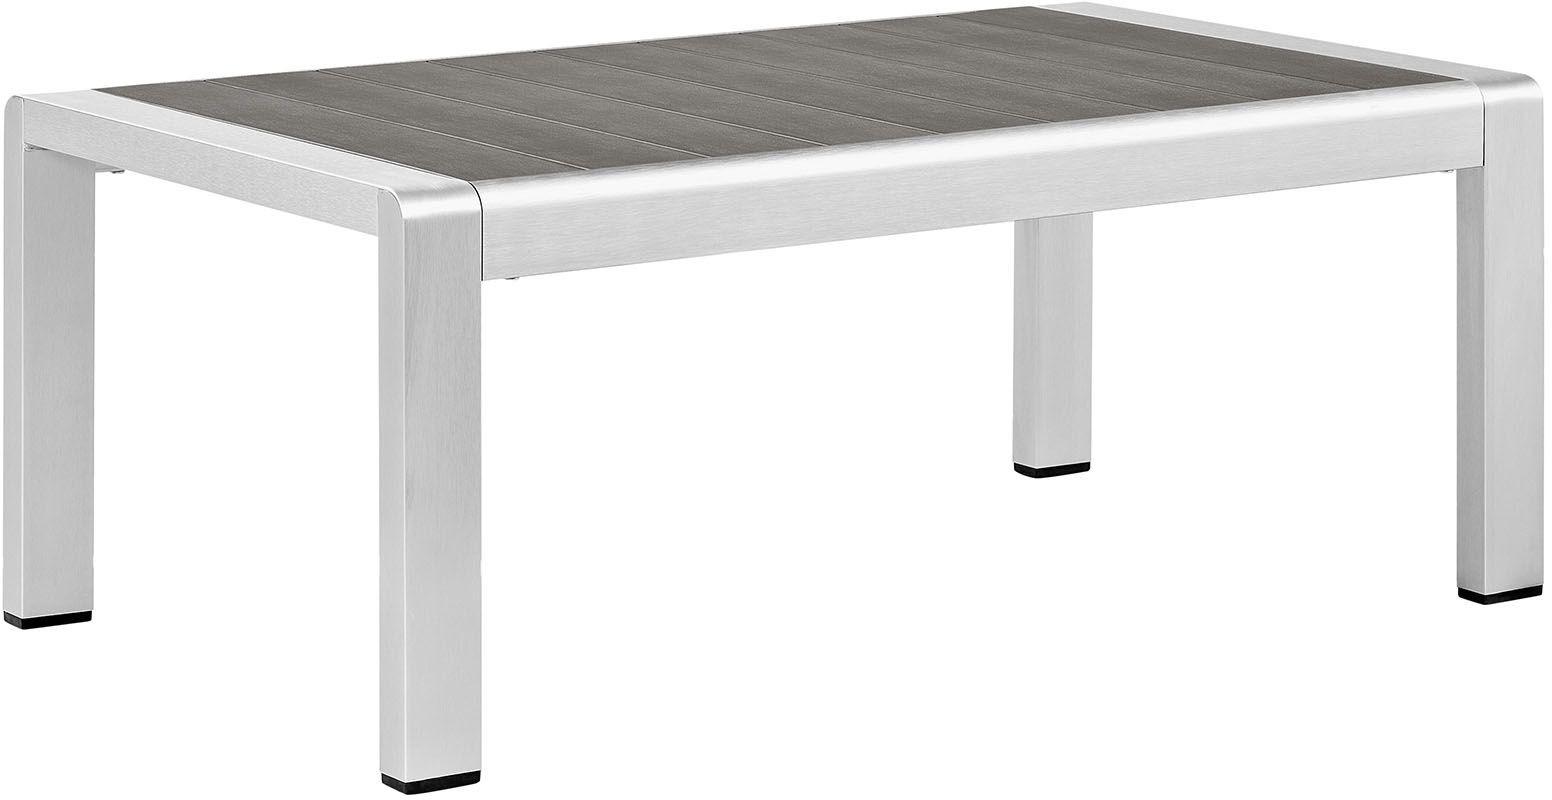 Shore Silver Gray Aluminum Outdoor Patio Coffee Table Eei 2268 Slv Gry Renegade Furniture